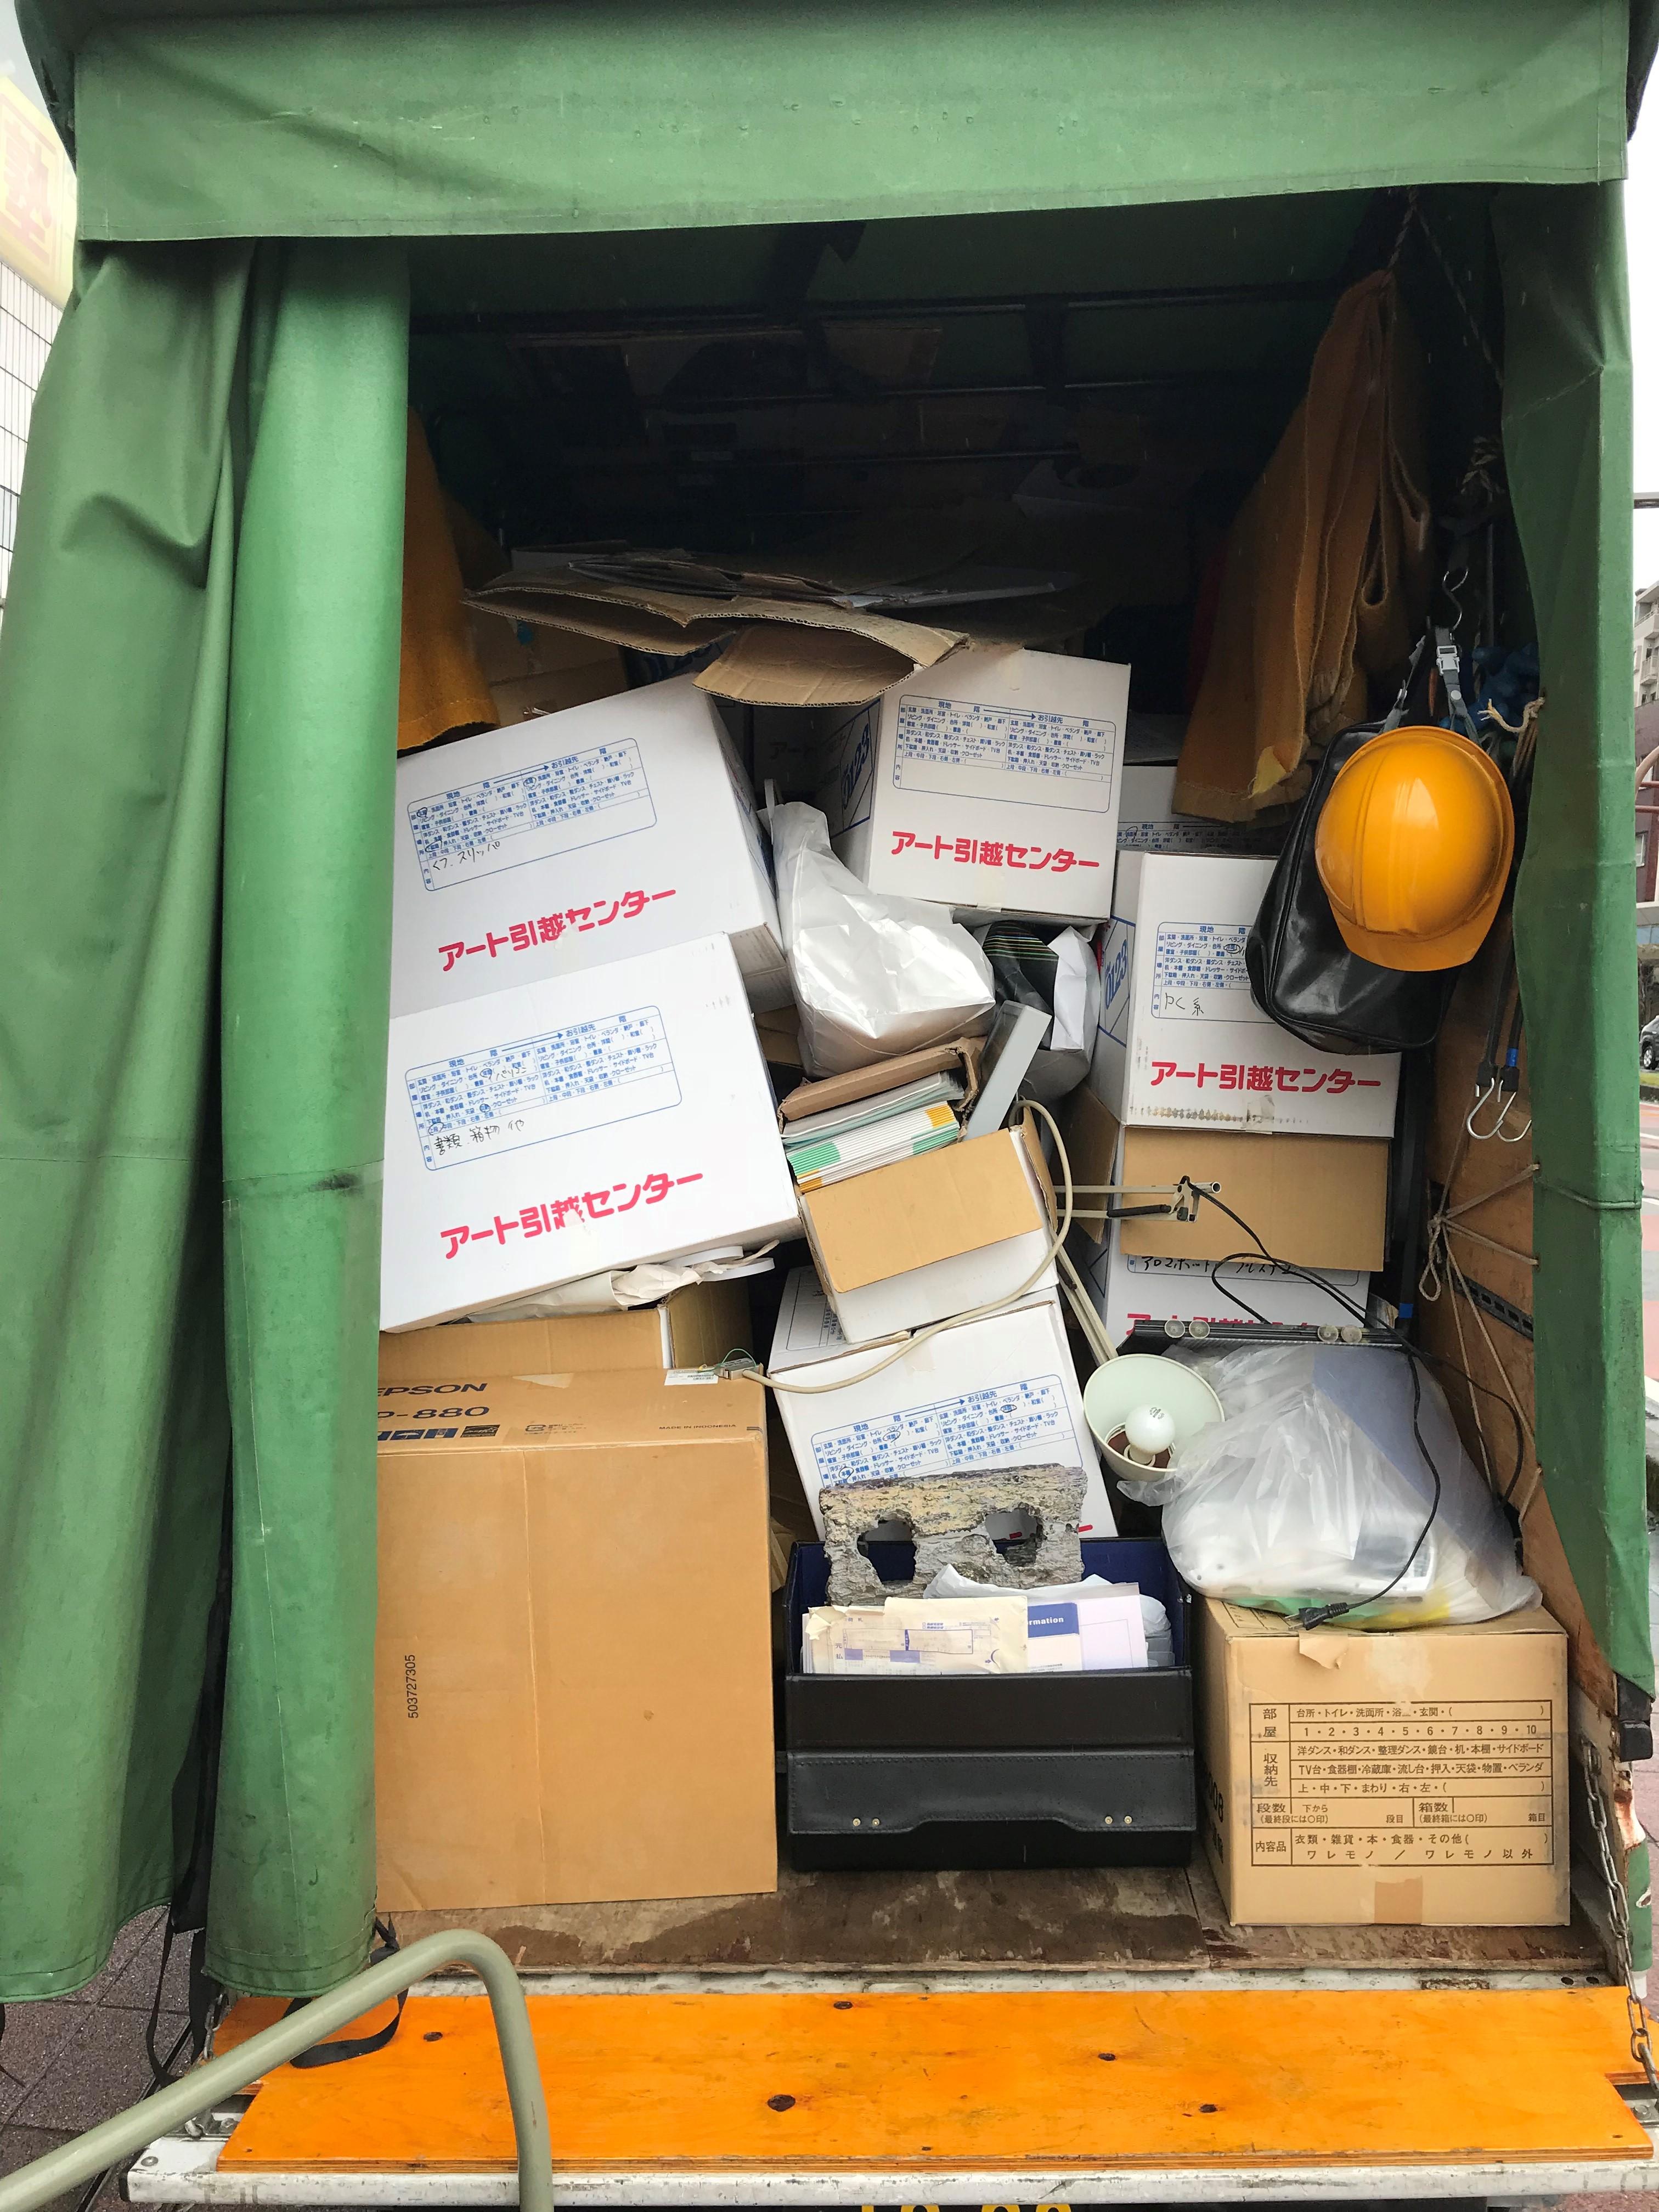 宮崎市江平西でマッサージチェアなど軽トラ1台分程度の不用品処分 施工事例紹介